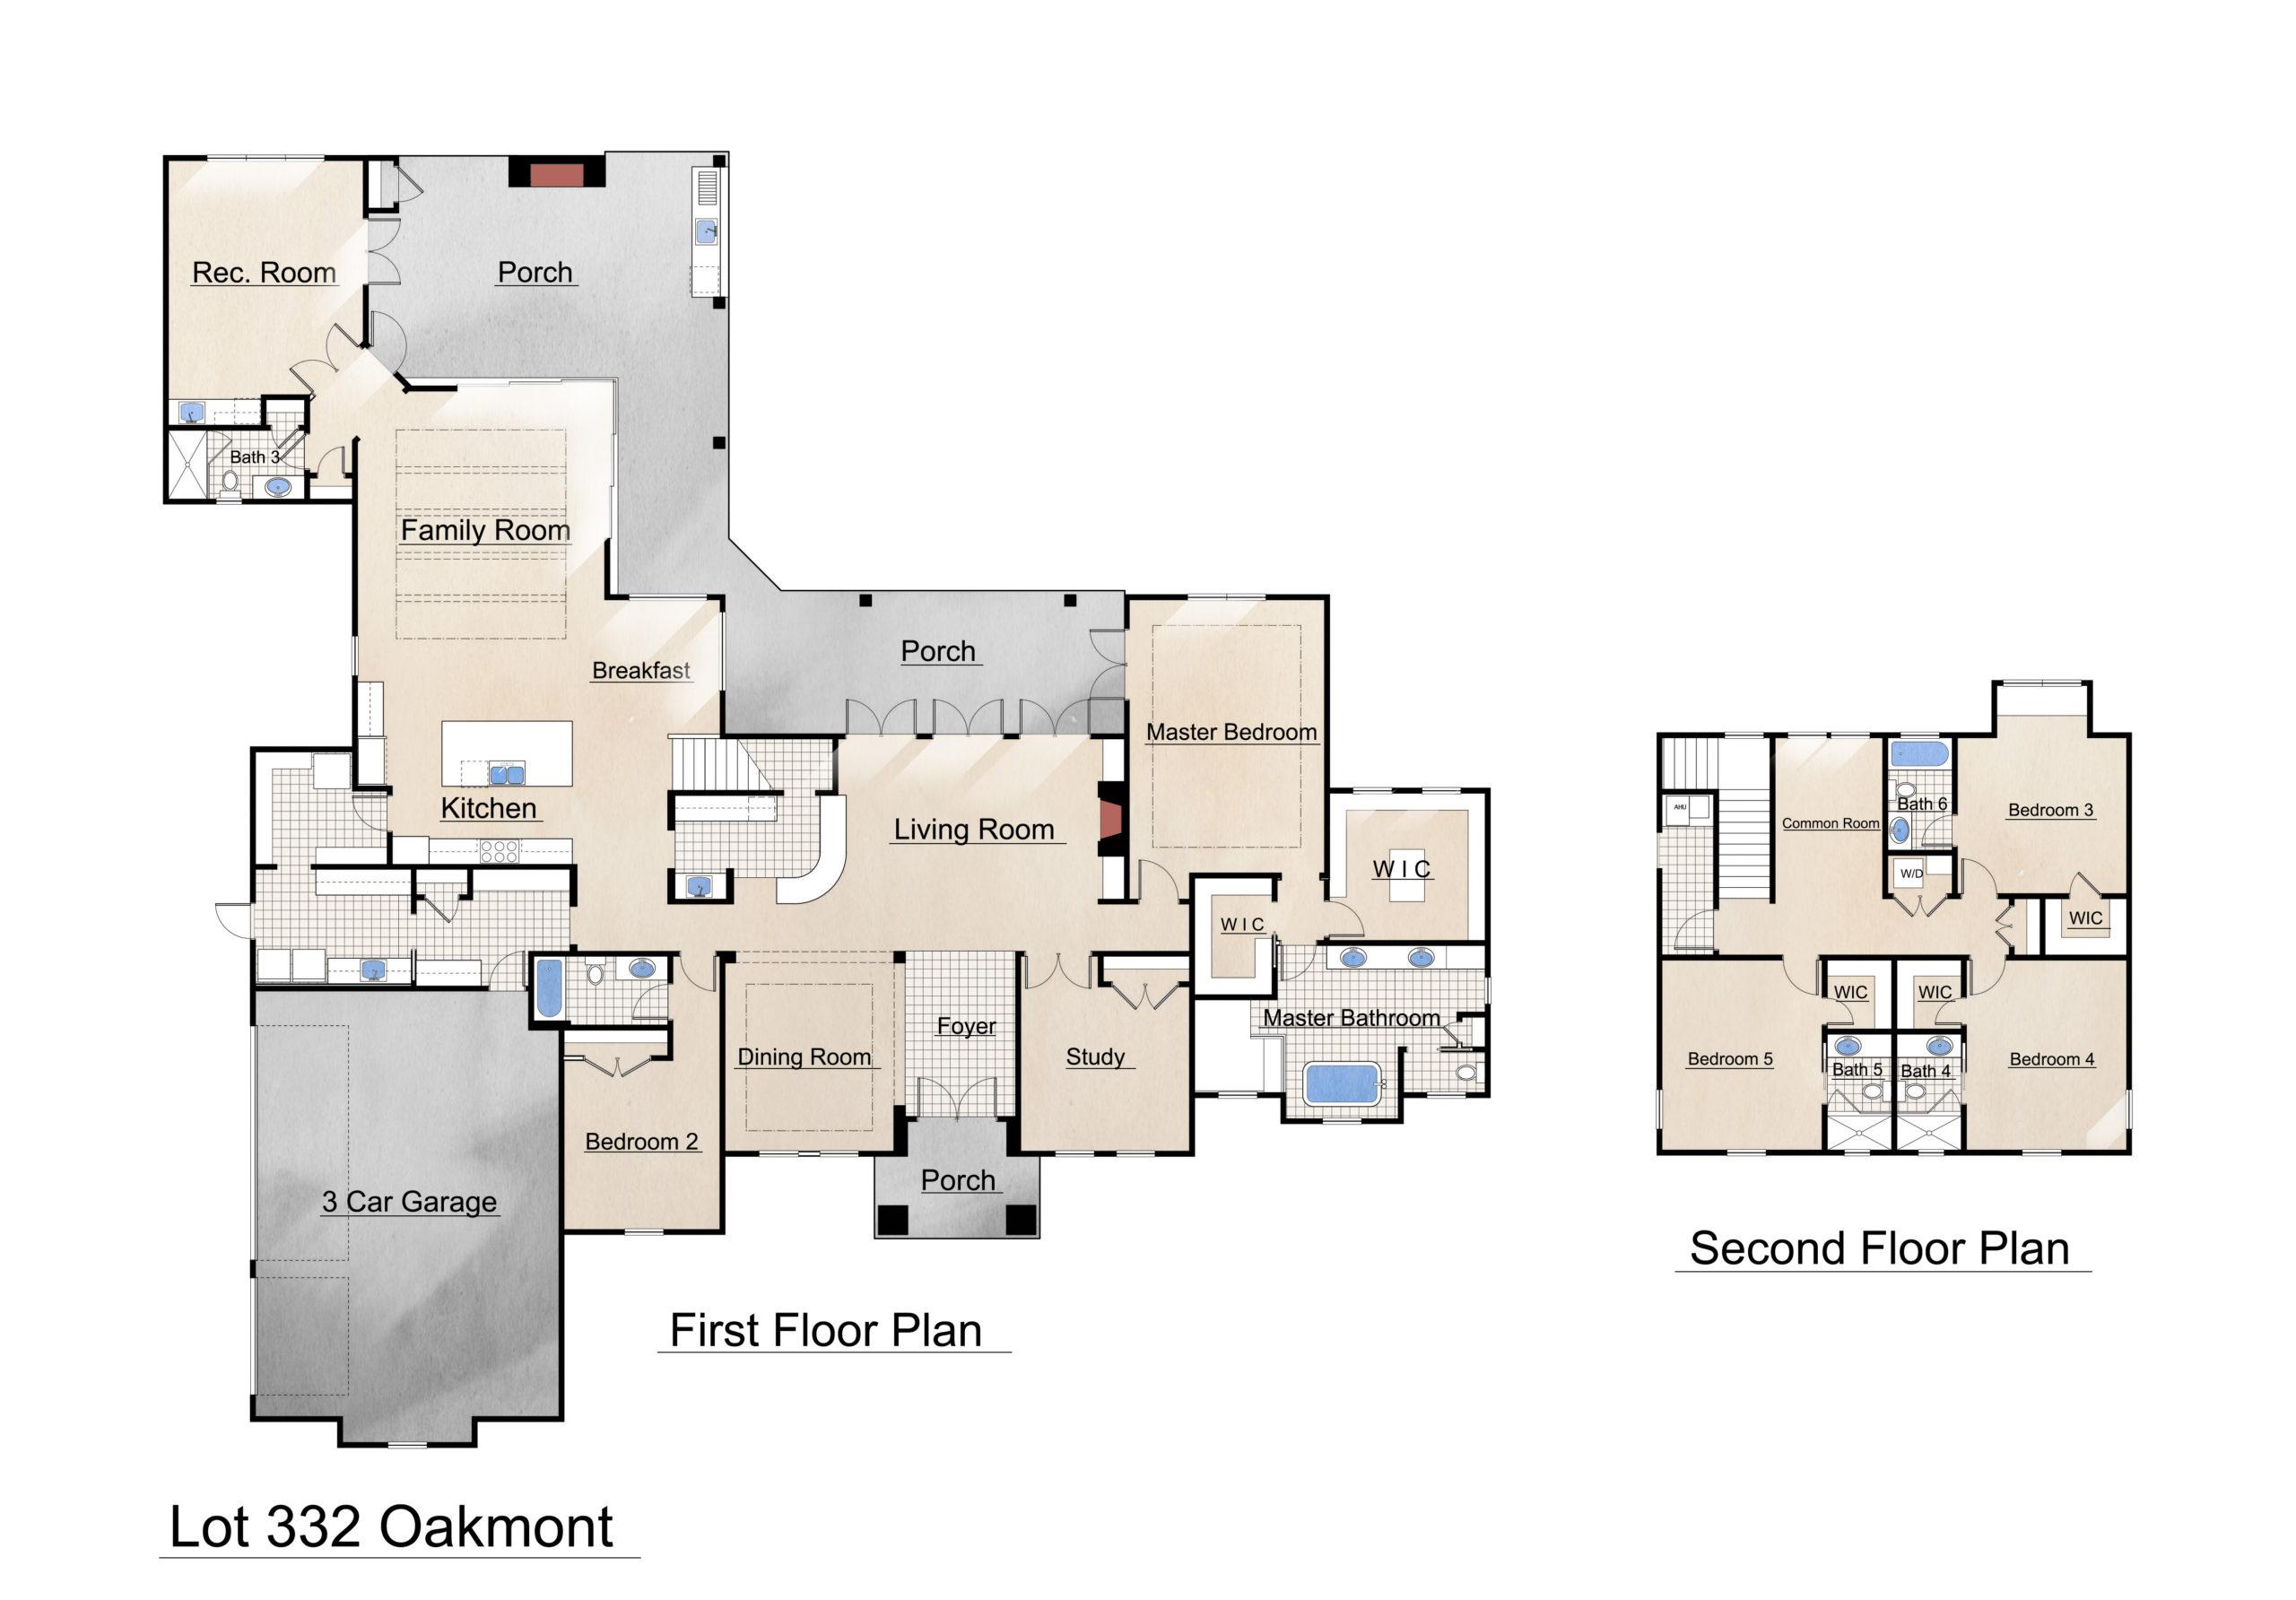 Lot 332 Oakmont Plan FIN (002)